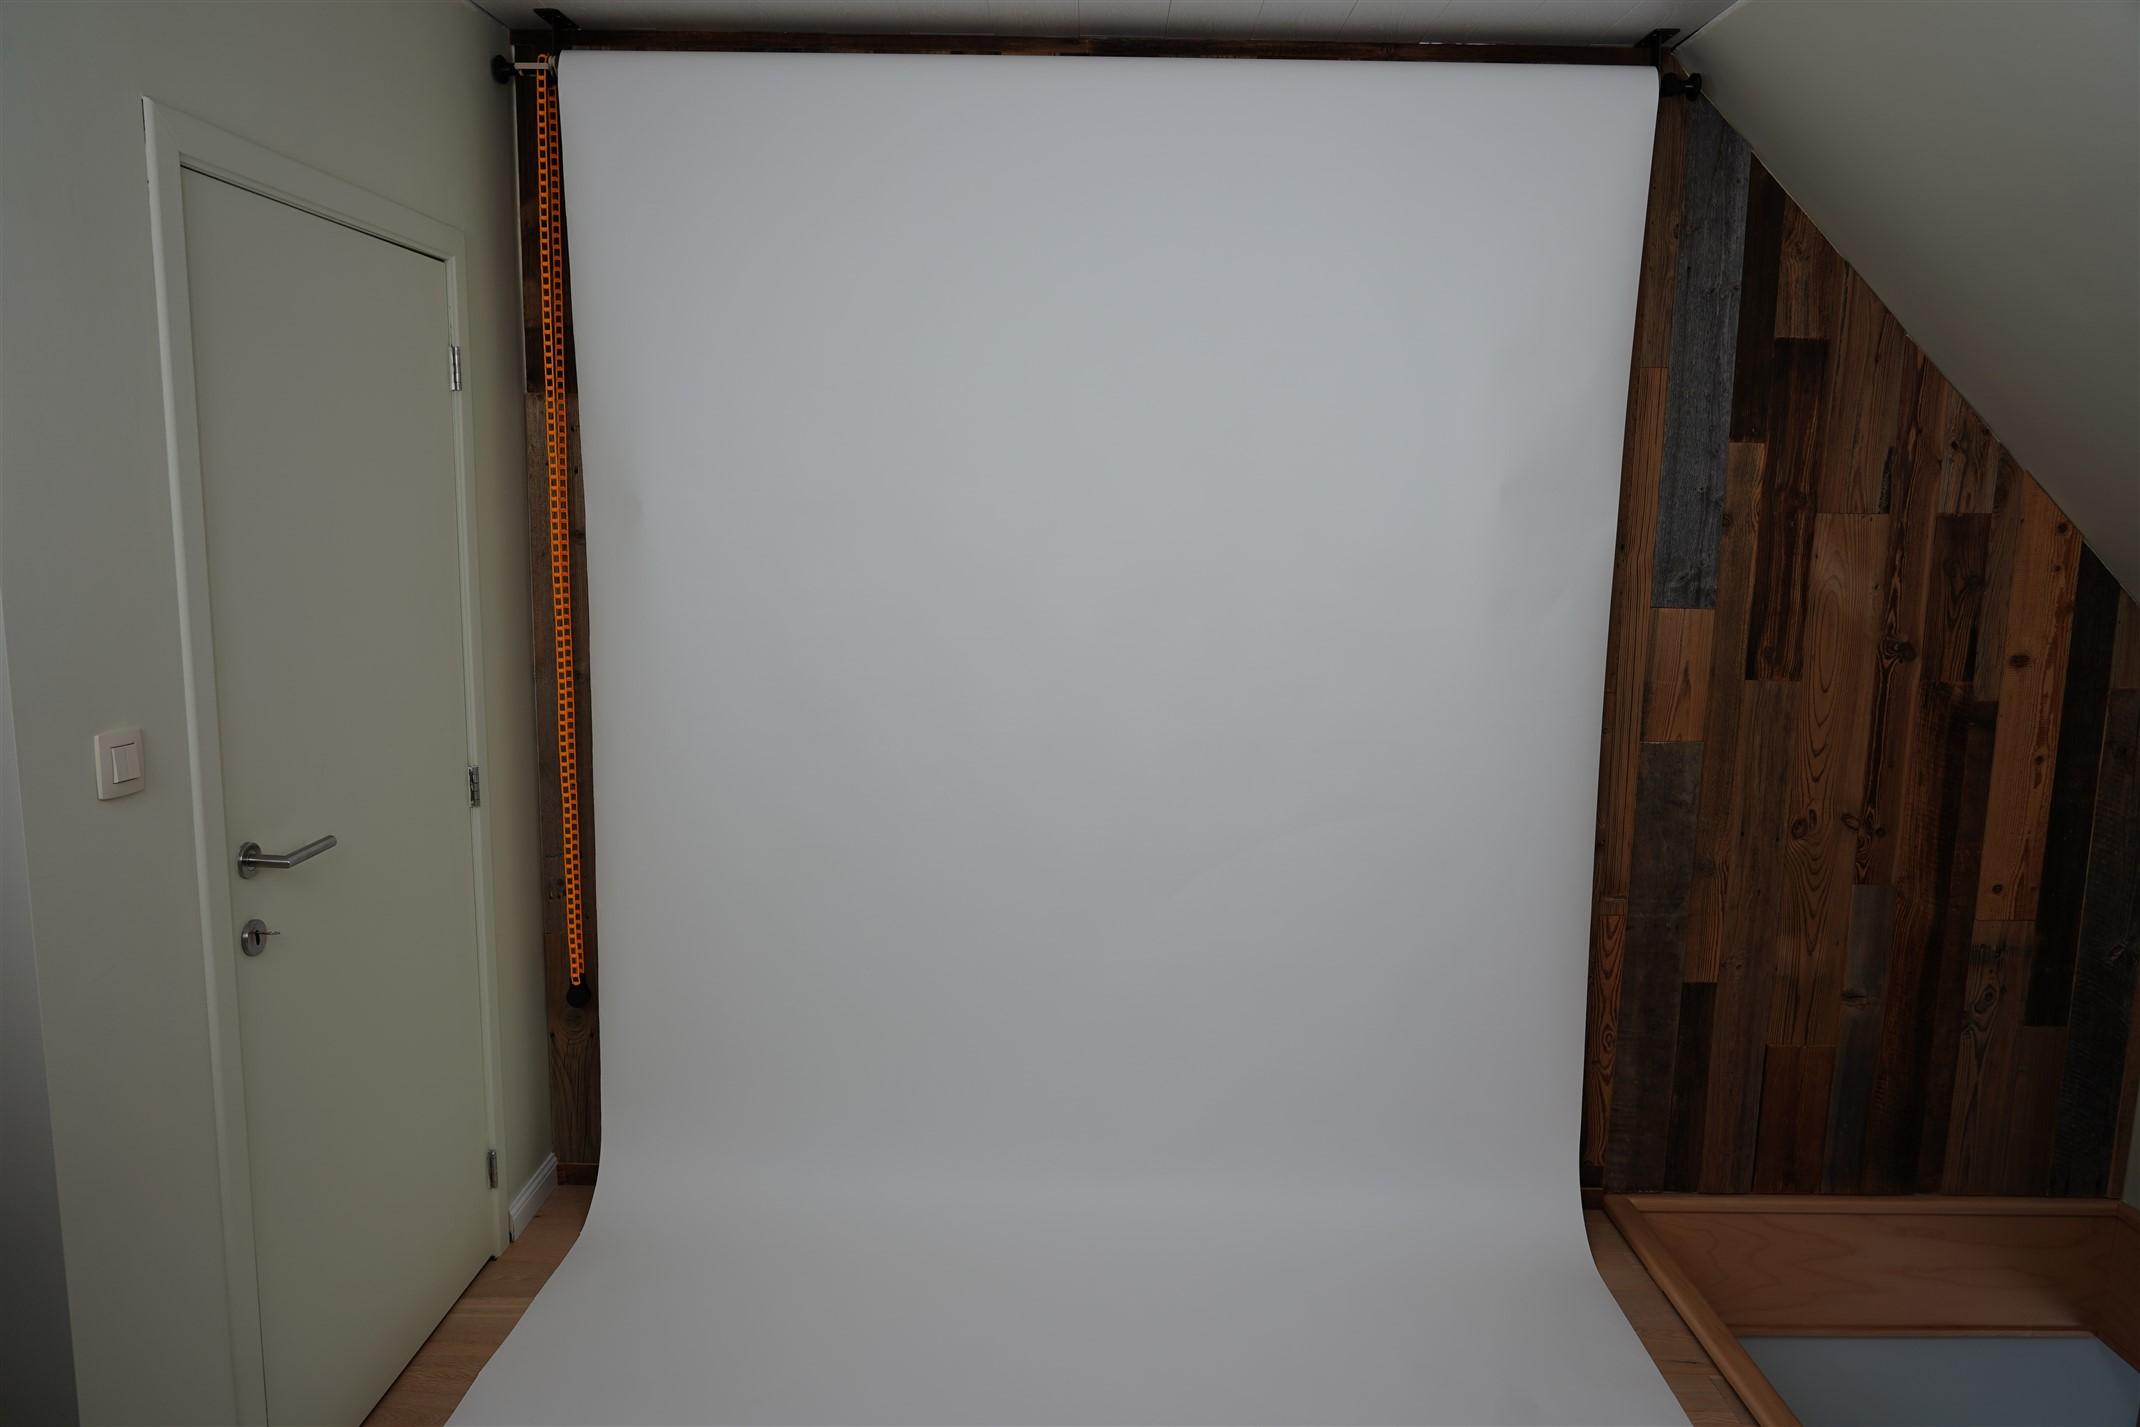 fotostudio wit doek